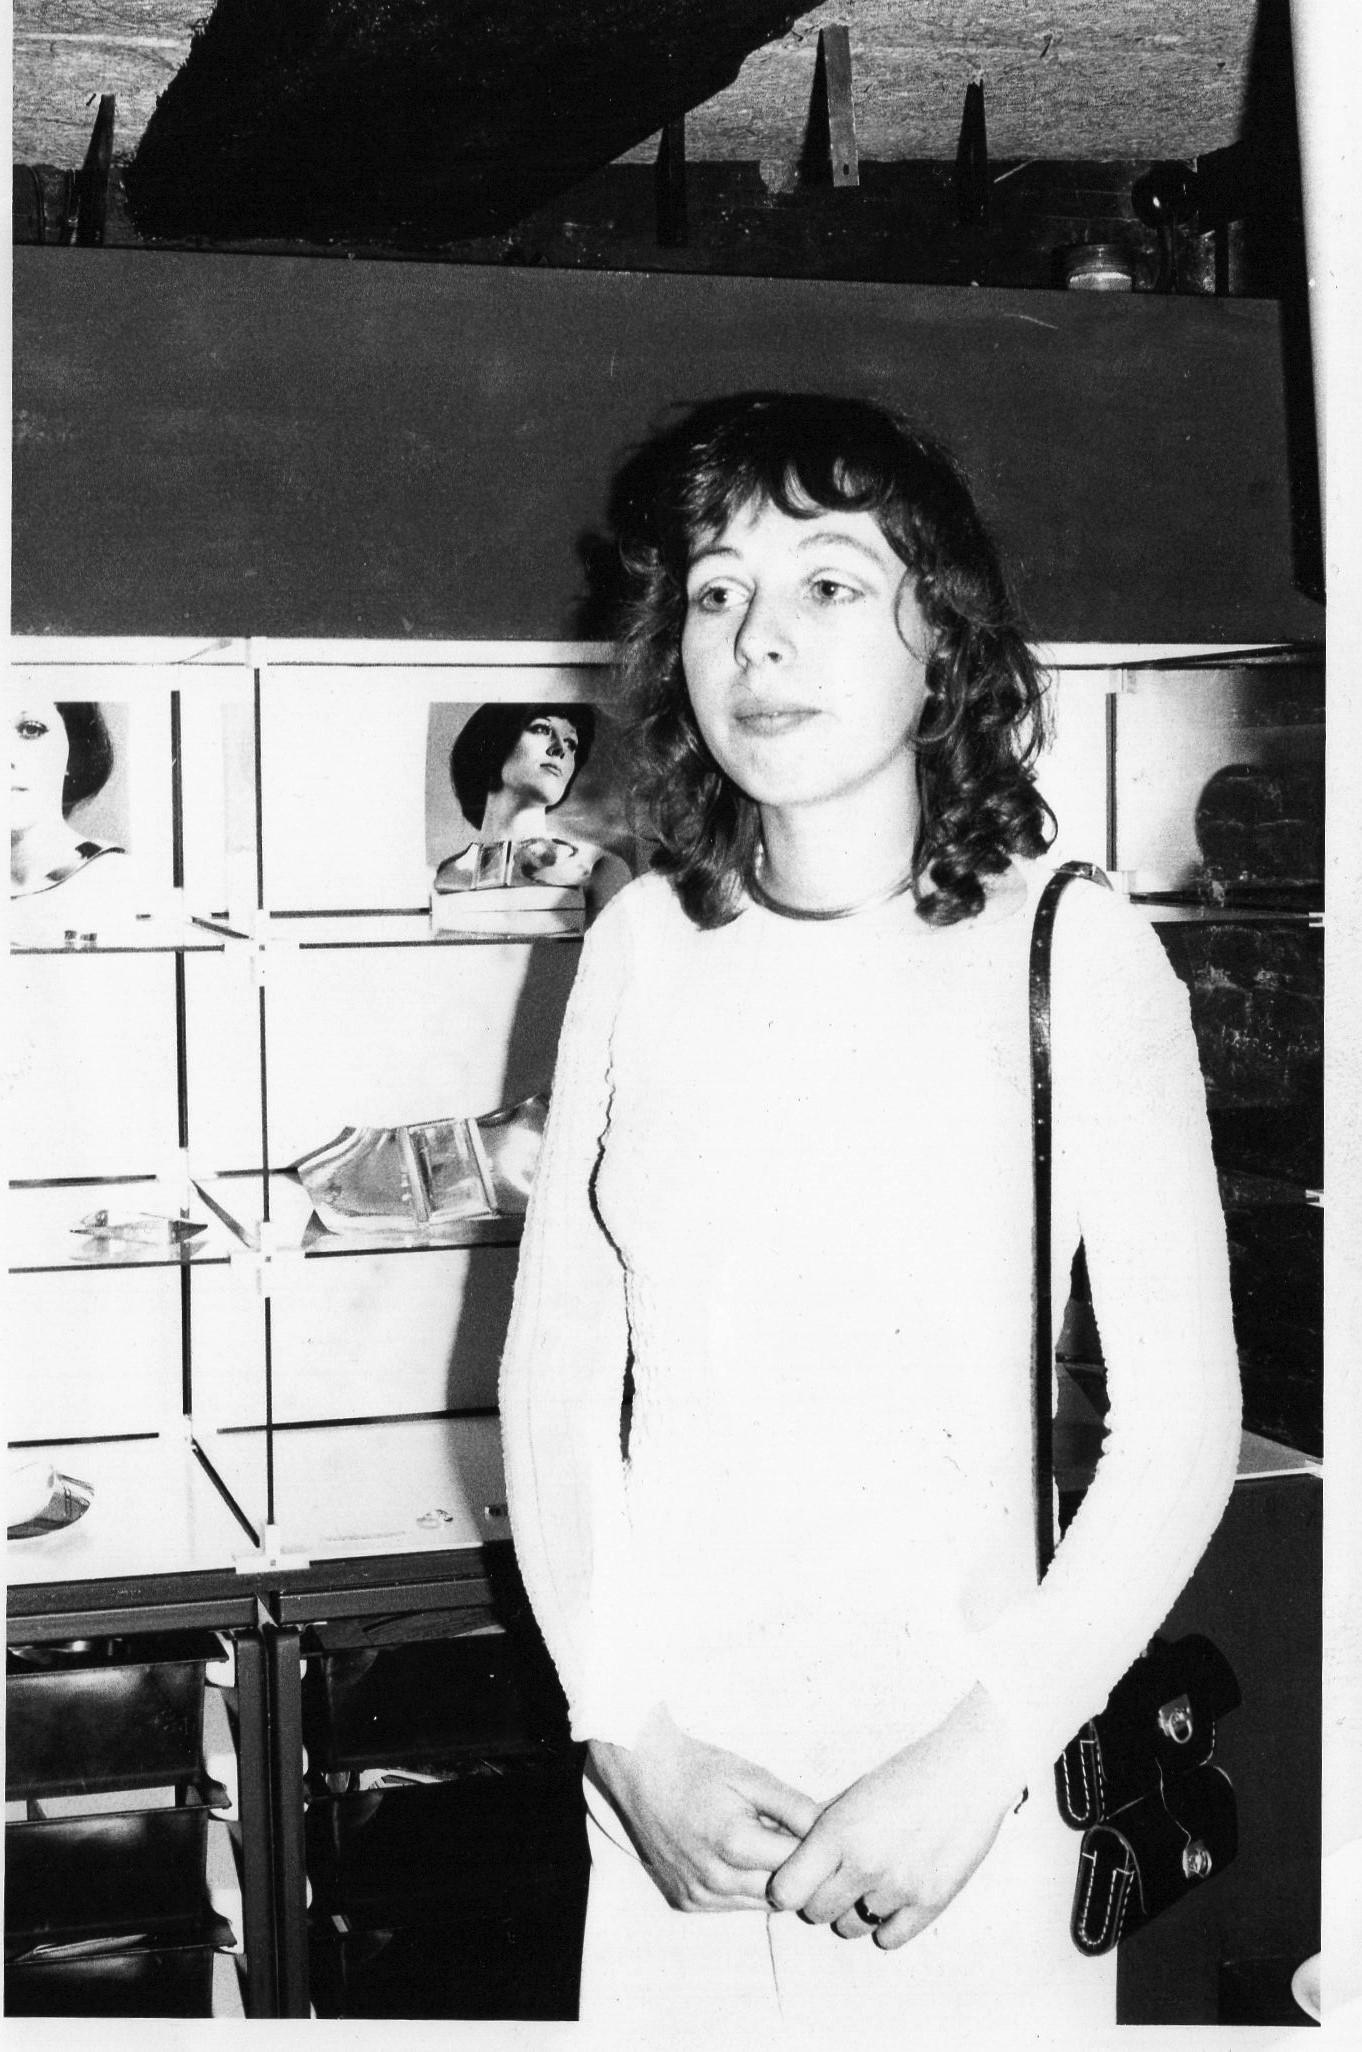 Lijsbeth Teding van Berkhout in Galerie Sieraad. Foto Candid Pix Press, portret